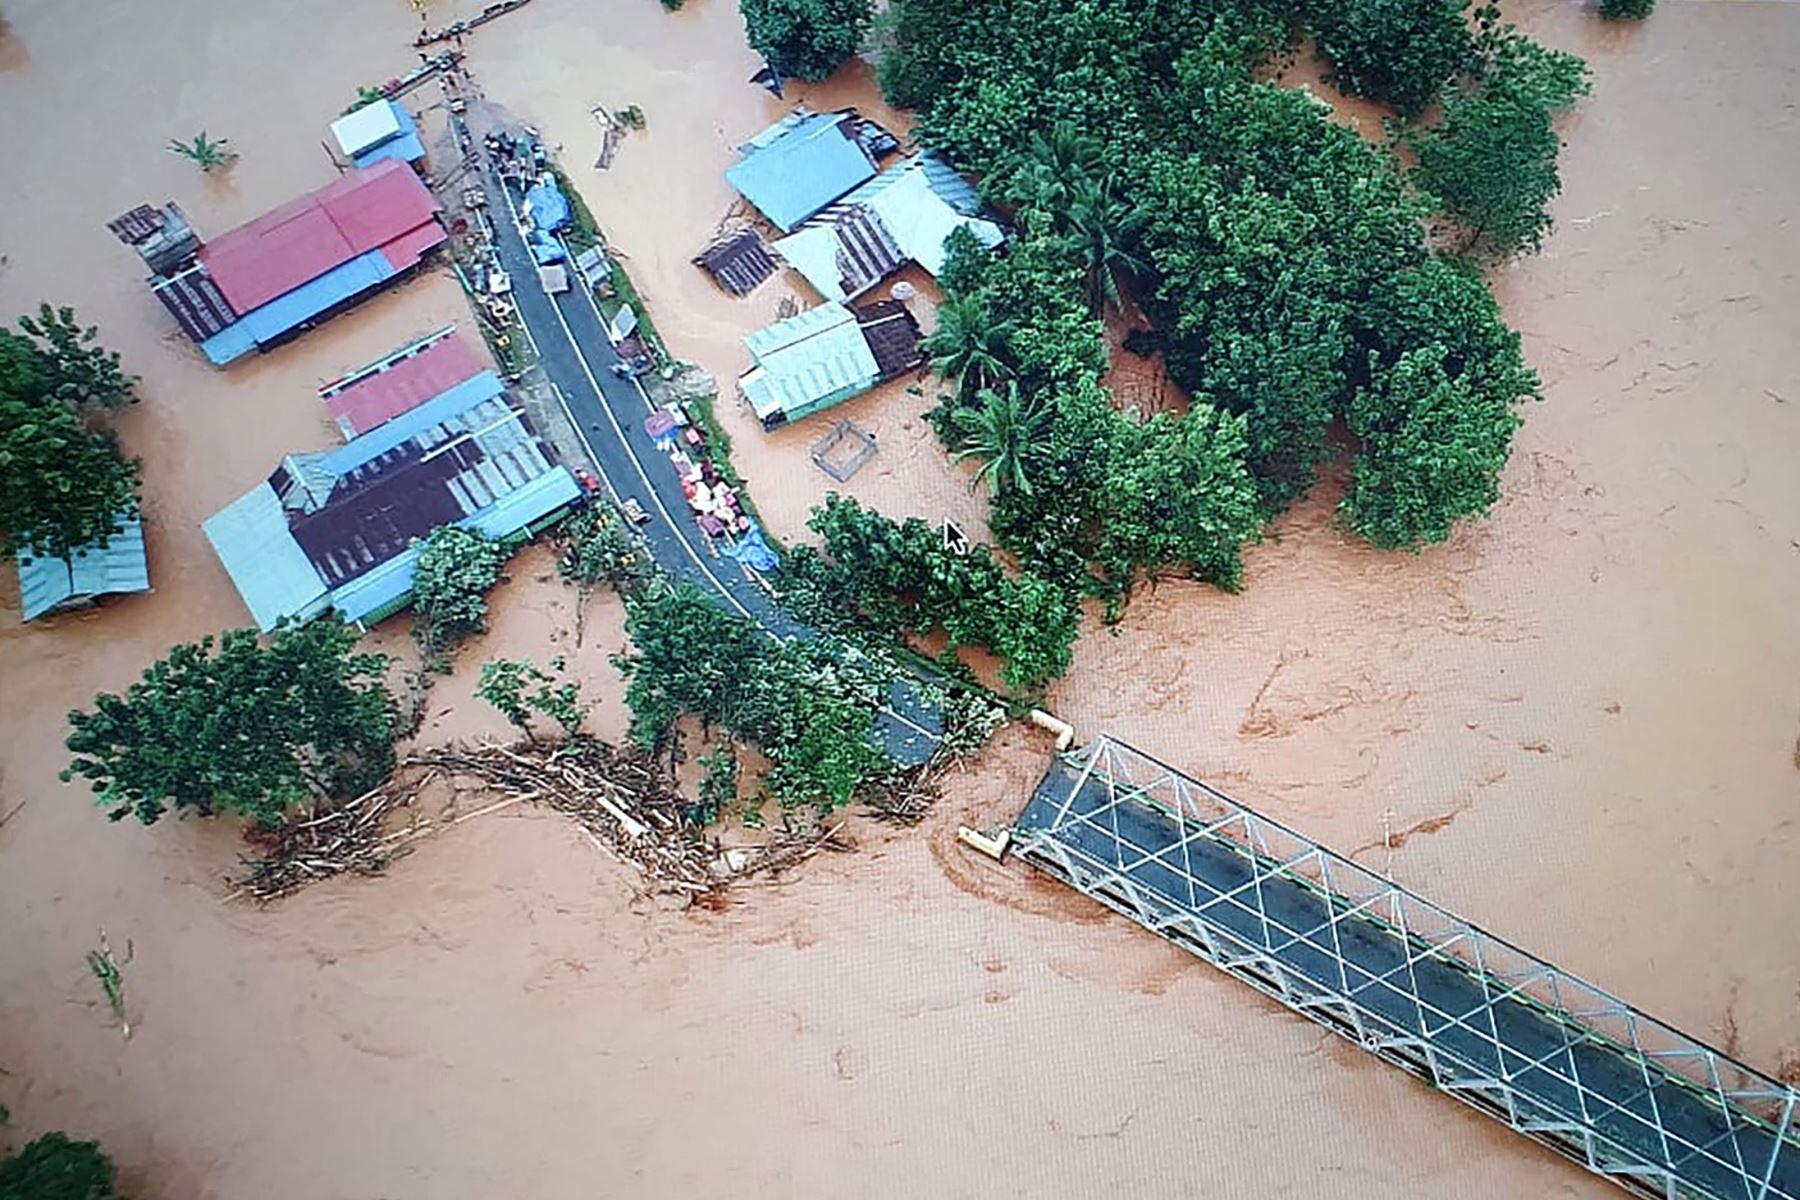 Más de 4,000 personas se vieron obligadas a evacuar debido a las inundaciones en la provincia de Sulawesi en Indonesia. Foto: AFP